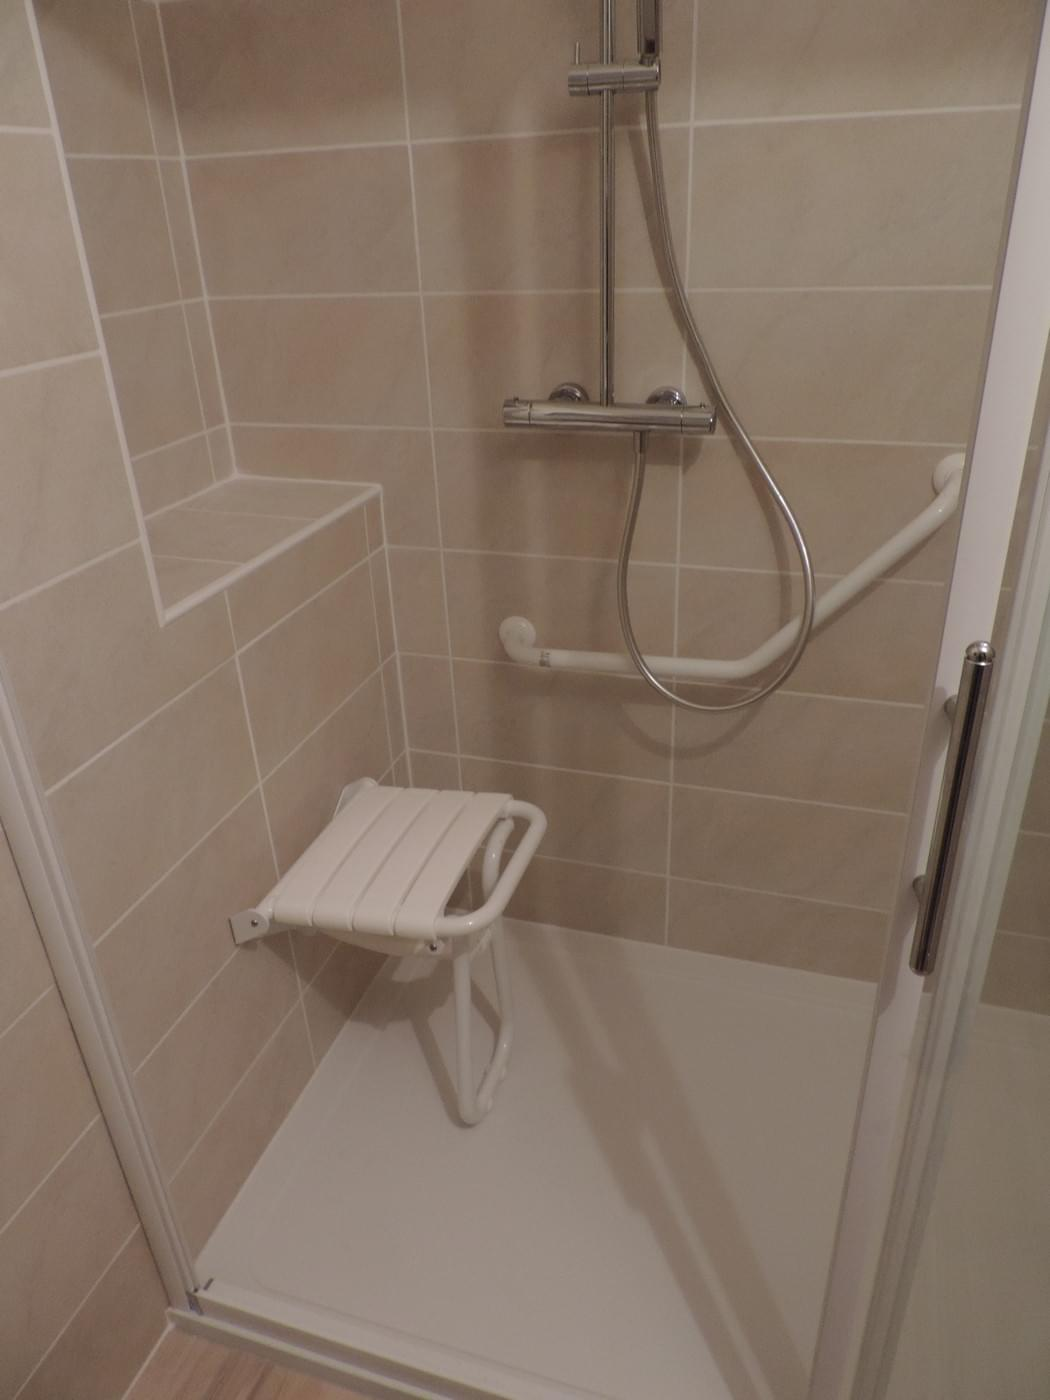 Salle de bain aménagement pour personne âgée - Plomberie et ...